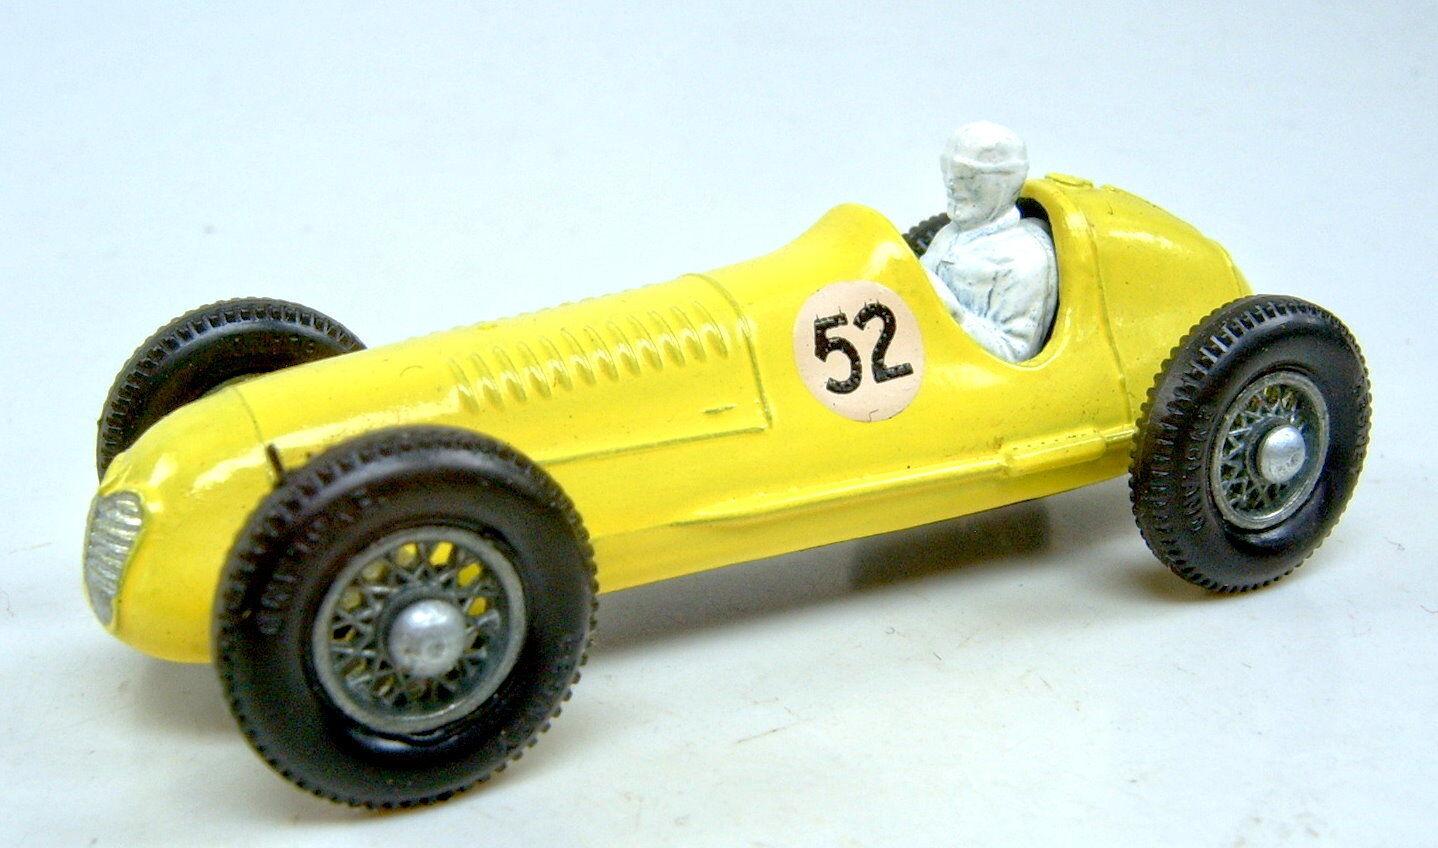 Matchbox RW 52A Maserati Maserati Maserati Racing Car yellow Speichenfelgen  52  perfekt 16dbe5